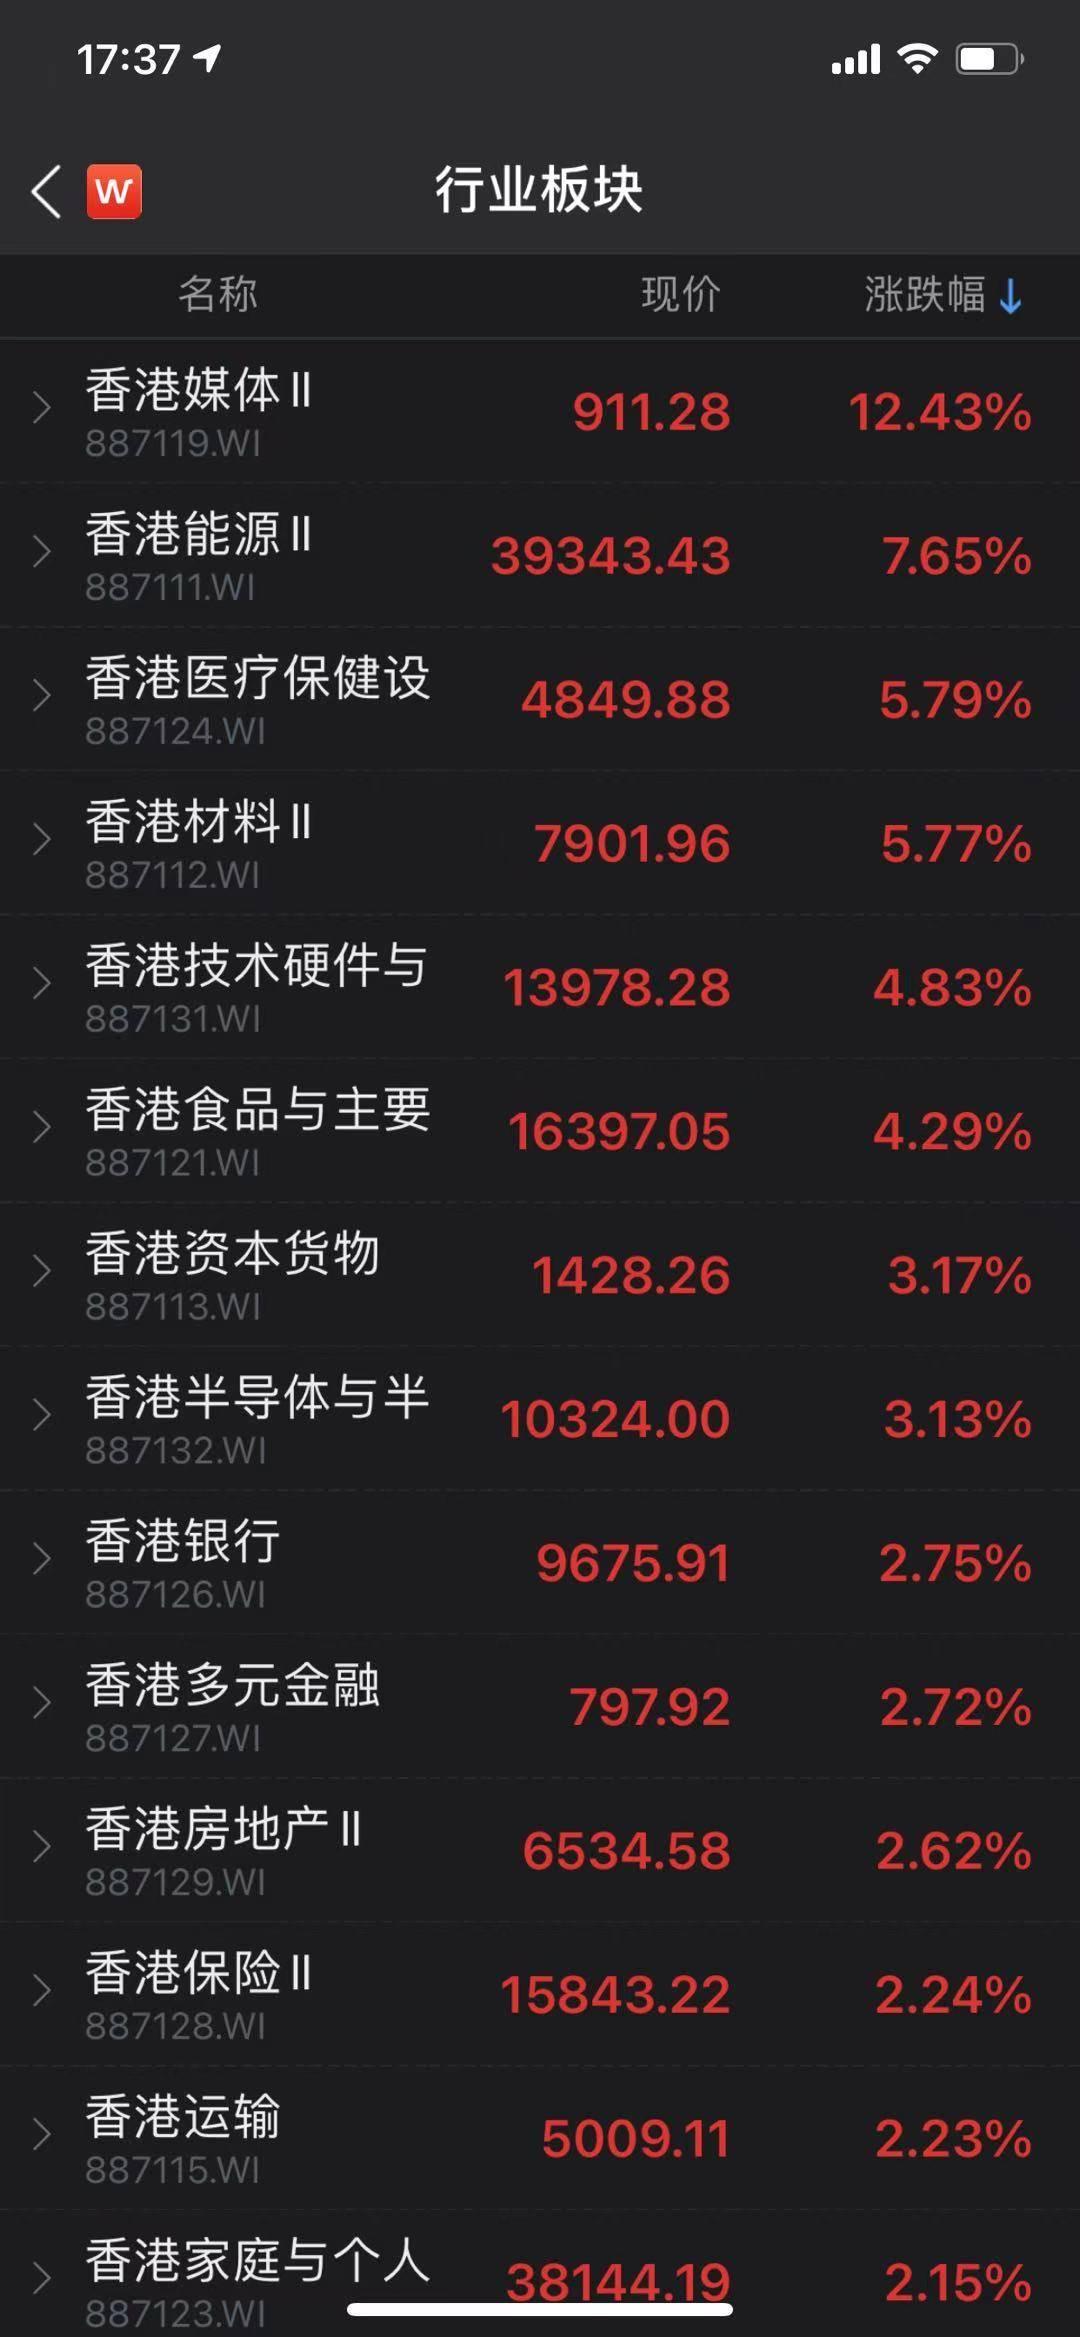 在家网上兼职投资有这几种方法,港股节后开门红恒指收涨1.9%,影视娱乐股大涨